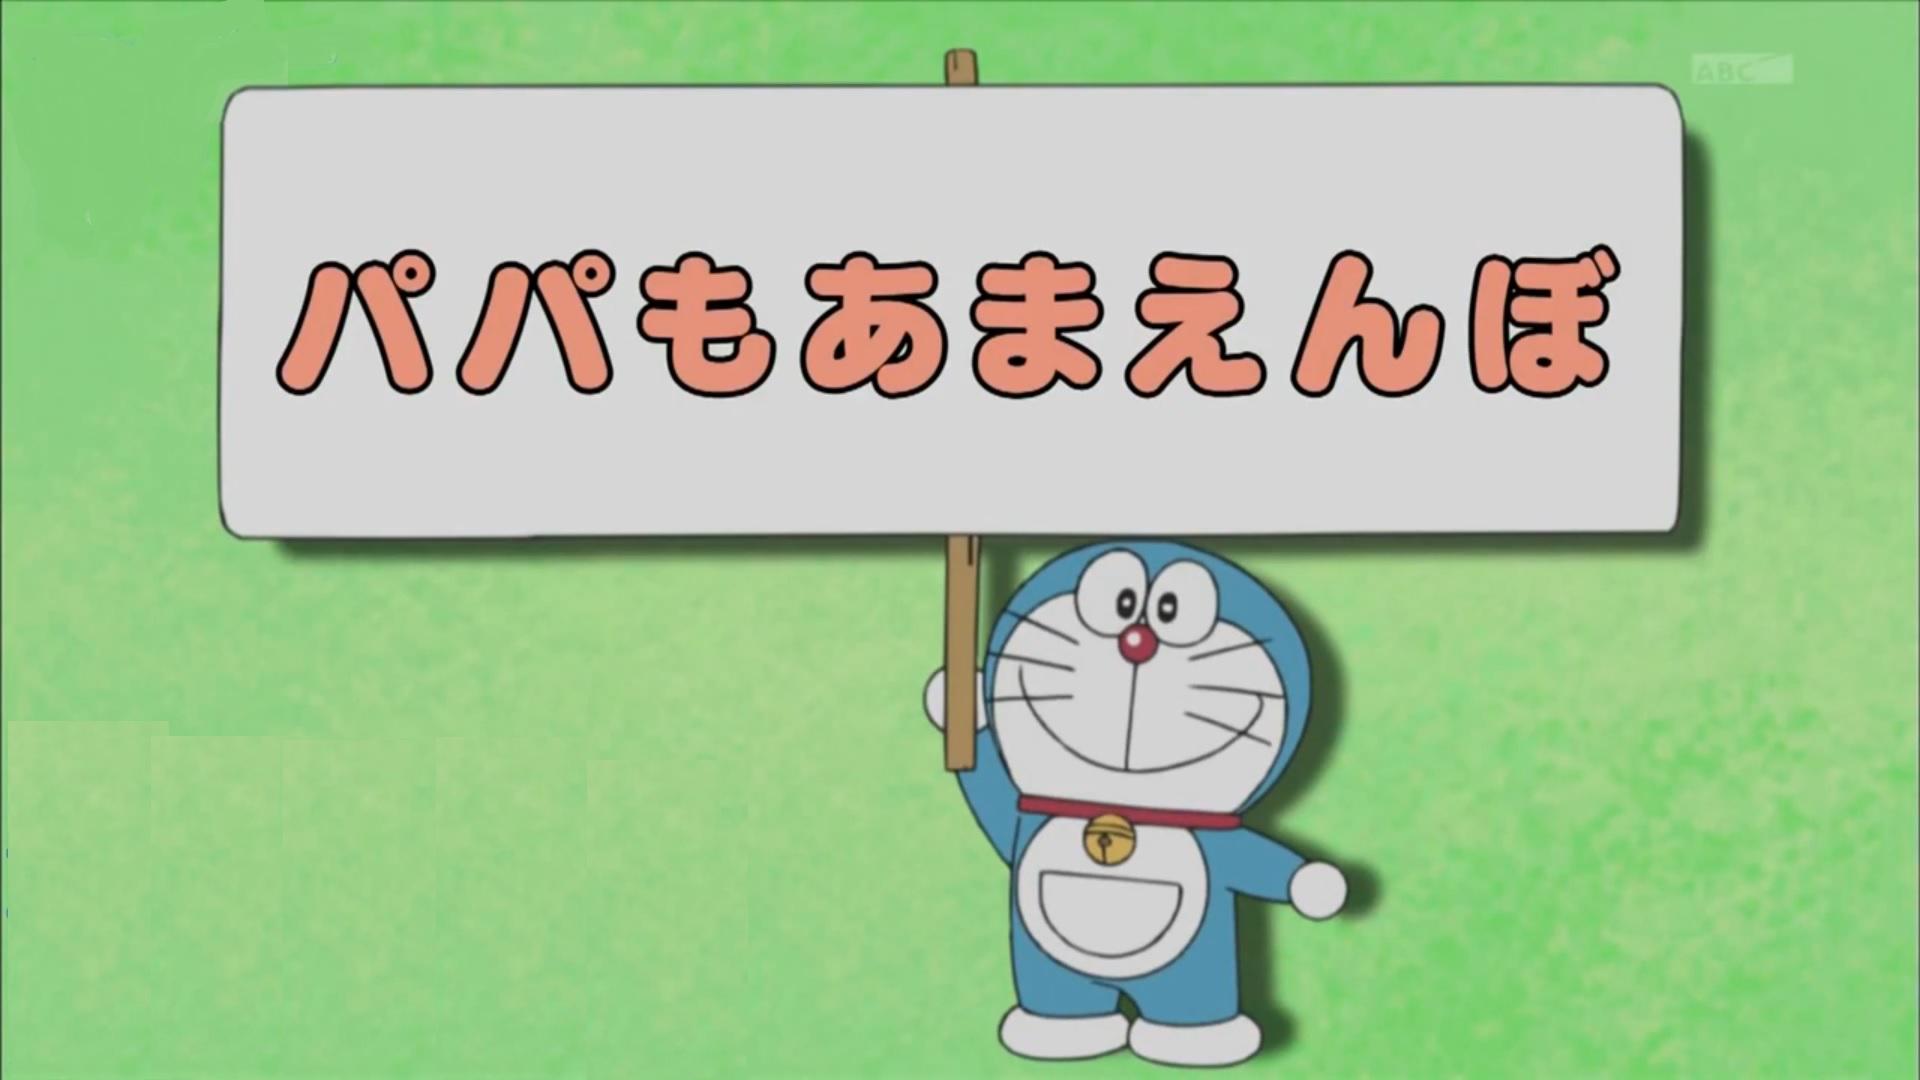 Bố cũng biết làm nũng/Anime 2005